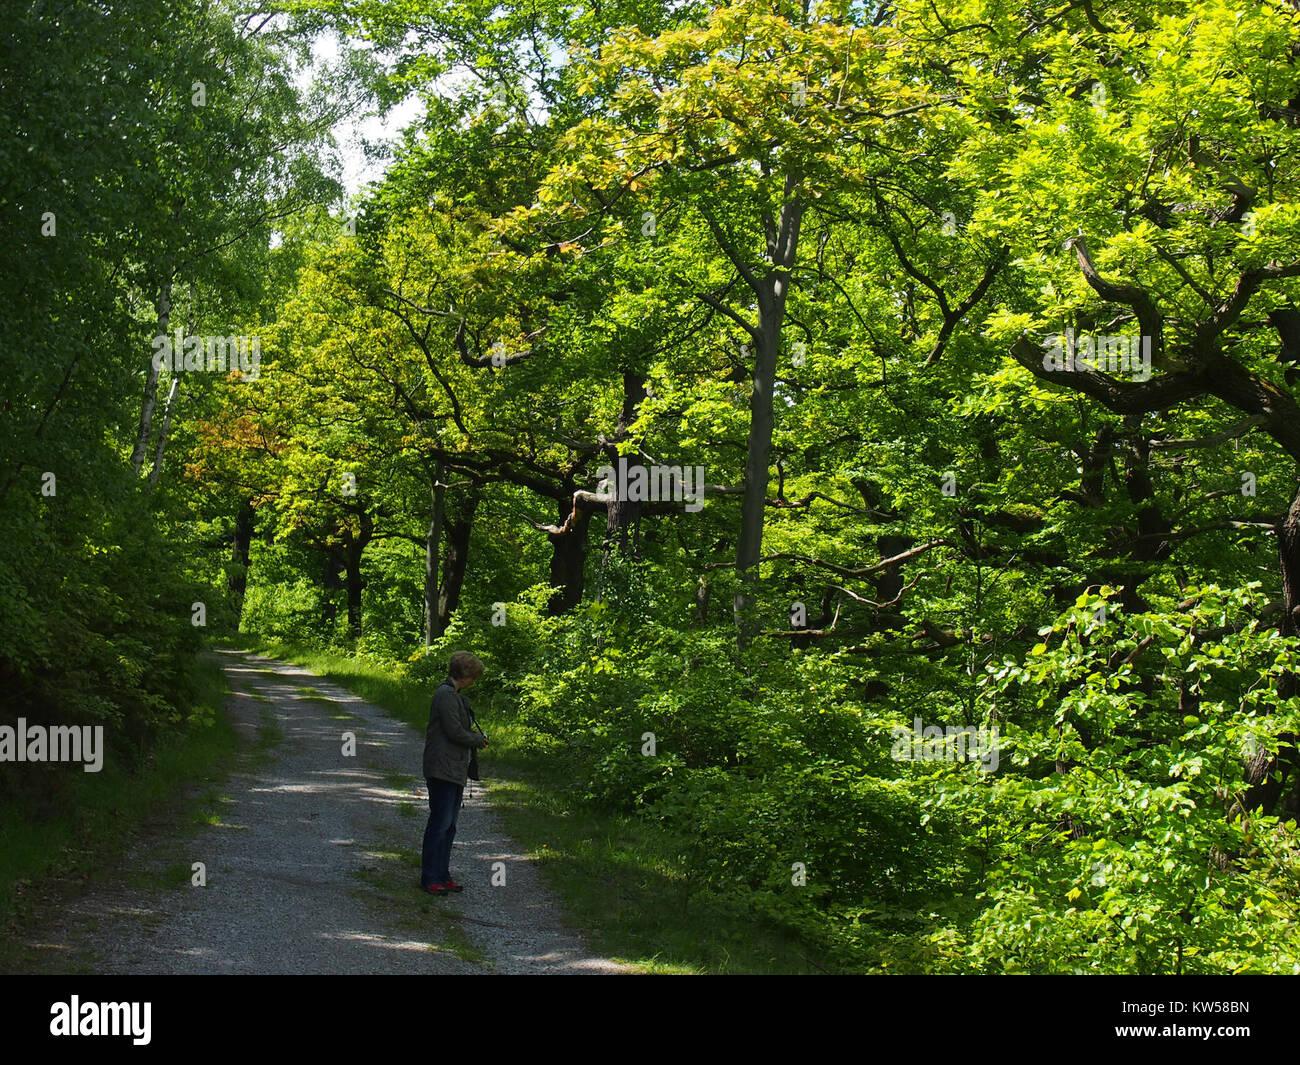 Birken Eichenwald Blankenburg 1 - Stock Image